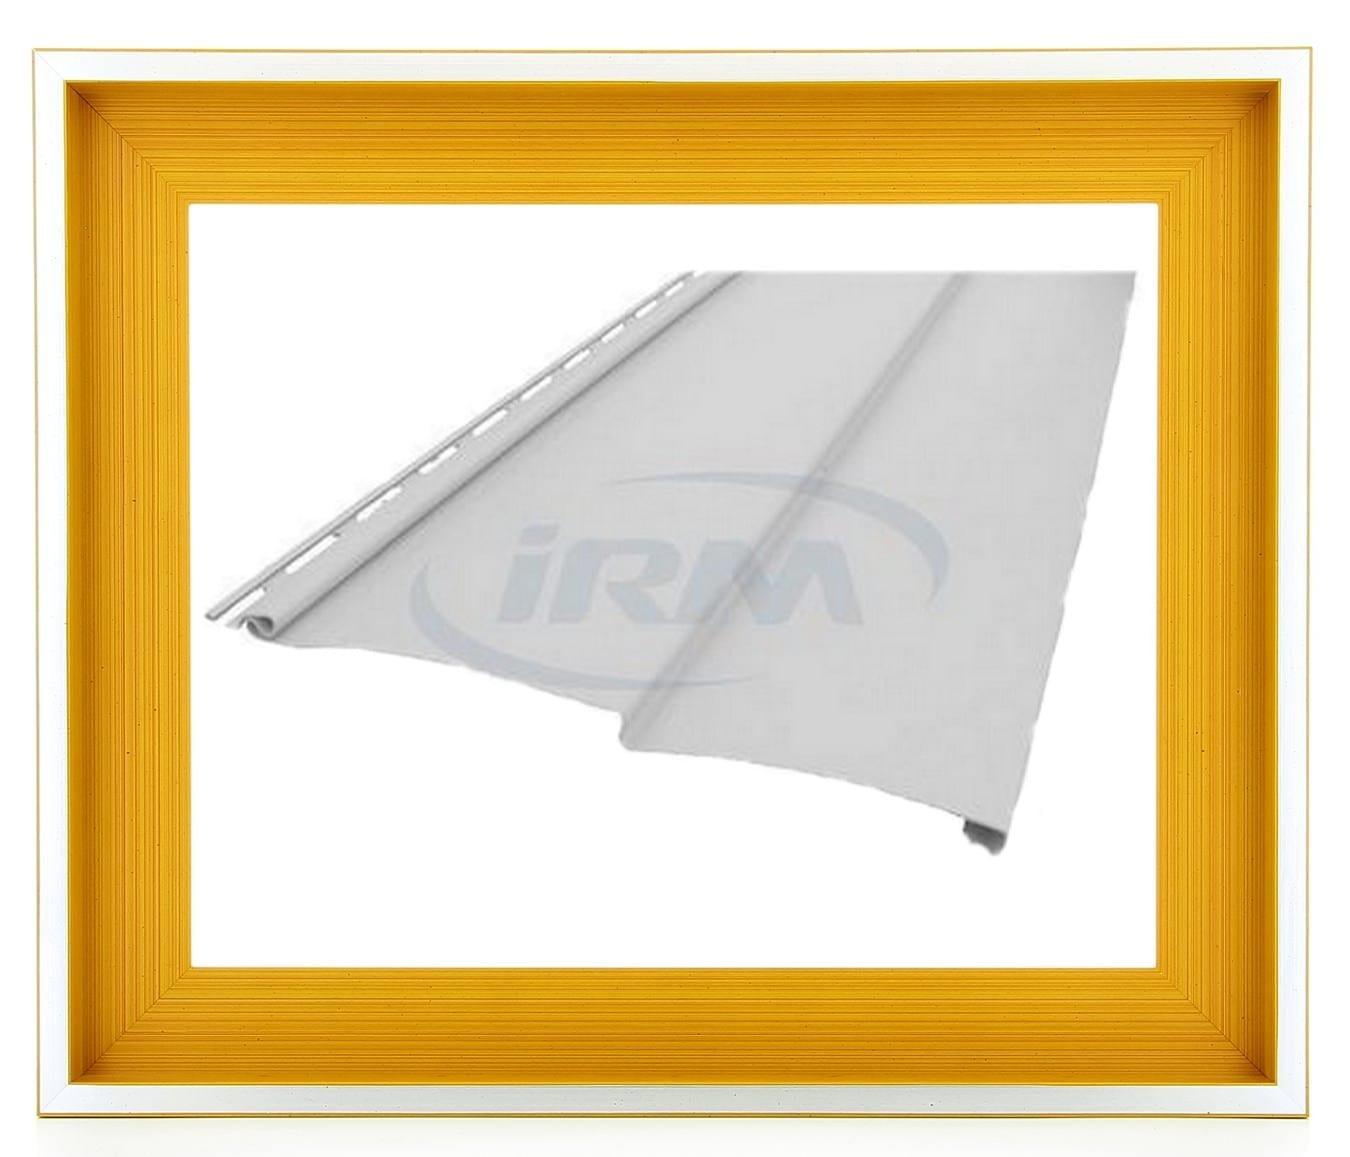 Profil blanc pi ce d tach es bardage ext rieur for Isolation exterieur mobil home